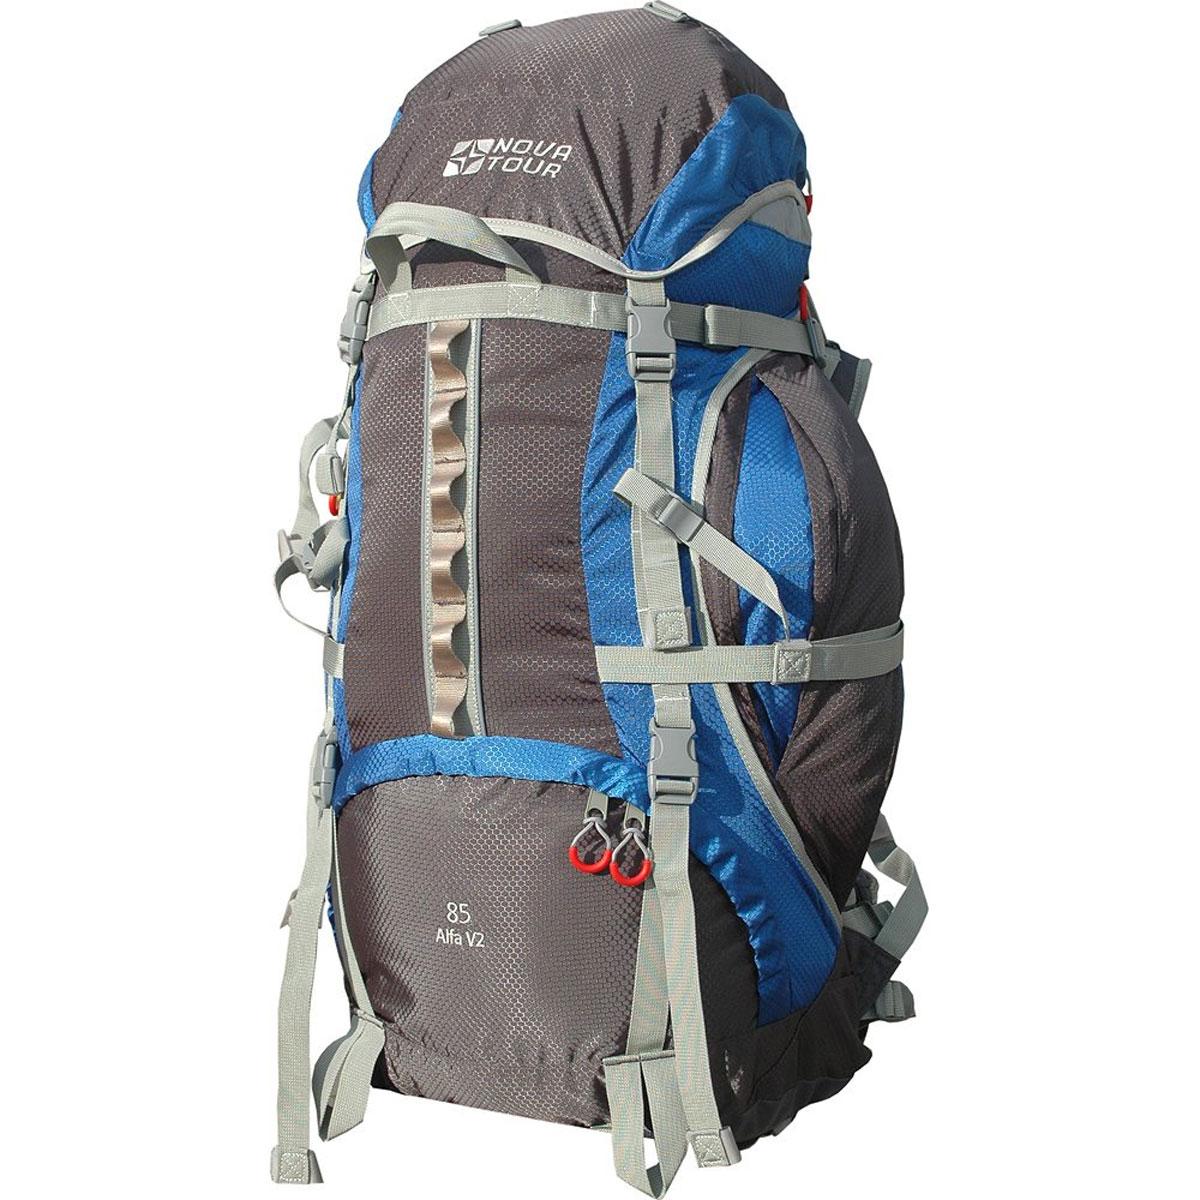 Рюкзак Nova Tour Альфа 85 V2, цвет: серый, синий. 95312-463-0095312-463-00Если вам нравится прыгать с камня на камень или двигаться по узкой горной тропе - этот рюкзак с усиленны-ми стропами специально для вас. Ваша спина будет благодарна за правильно распределяющую вес на плечи и пояс и уменьшающую нагрузку на позвоночник подвесную систему. Теперь доступ к нужным в дневном переходе вещам стал проще благодаря двум вместительным боковым карманам. Если их мало, то на дне рюкзака имеется удобное крепление для габаритных вещей (палатки). Для большего удобства крепления горного инвентаря разработана новая система навески. Если нужно что-то достать со дна рюкзака воспользуйтесь удобным нижним входом. В горах погода переменчива, может внезапно пойти дождь, но вещи всегда будут оставаться сухими, с идущим в комплекте гермочехлом в потайном кармане, на дне рюкзака. На концах боковых стяжек имеются липучки для закрепления излишков стропы.Особенности:Подвеска: ABS V2;Ткань: Poly Oxford 600D PU RipStop;Защитный чехол;Узлы крепления горного снаряжения;Грудная стяжка;Фурнитура Nifco;Светоотражающий кант;Закрепка;Объем: 85 литров.